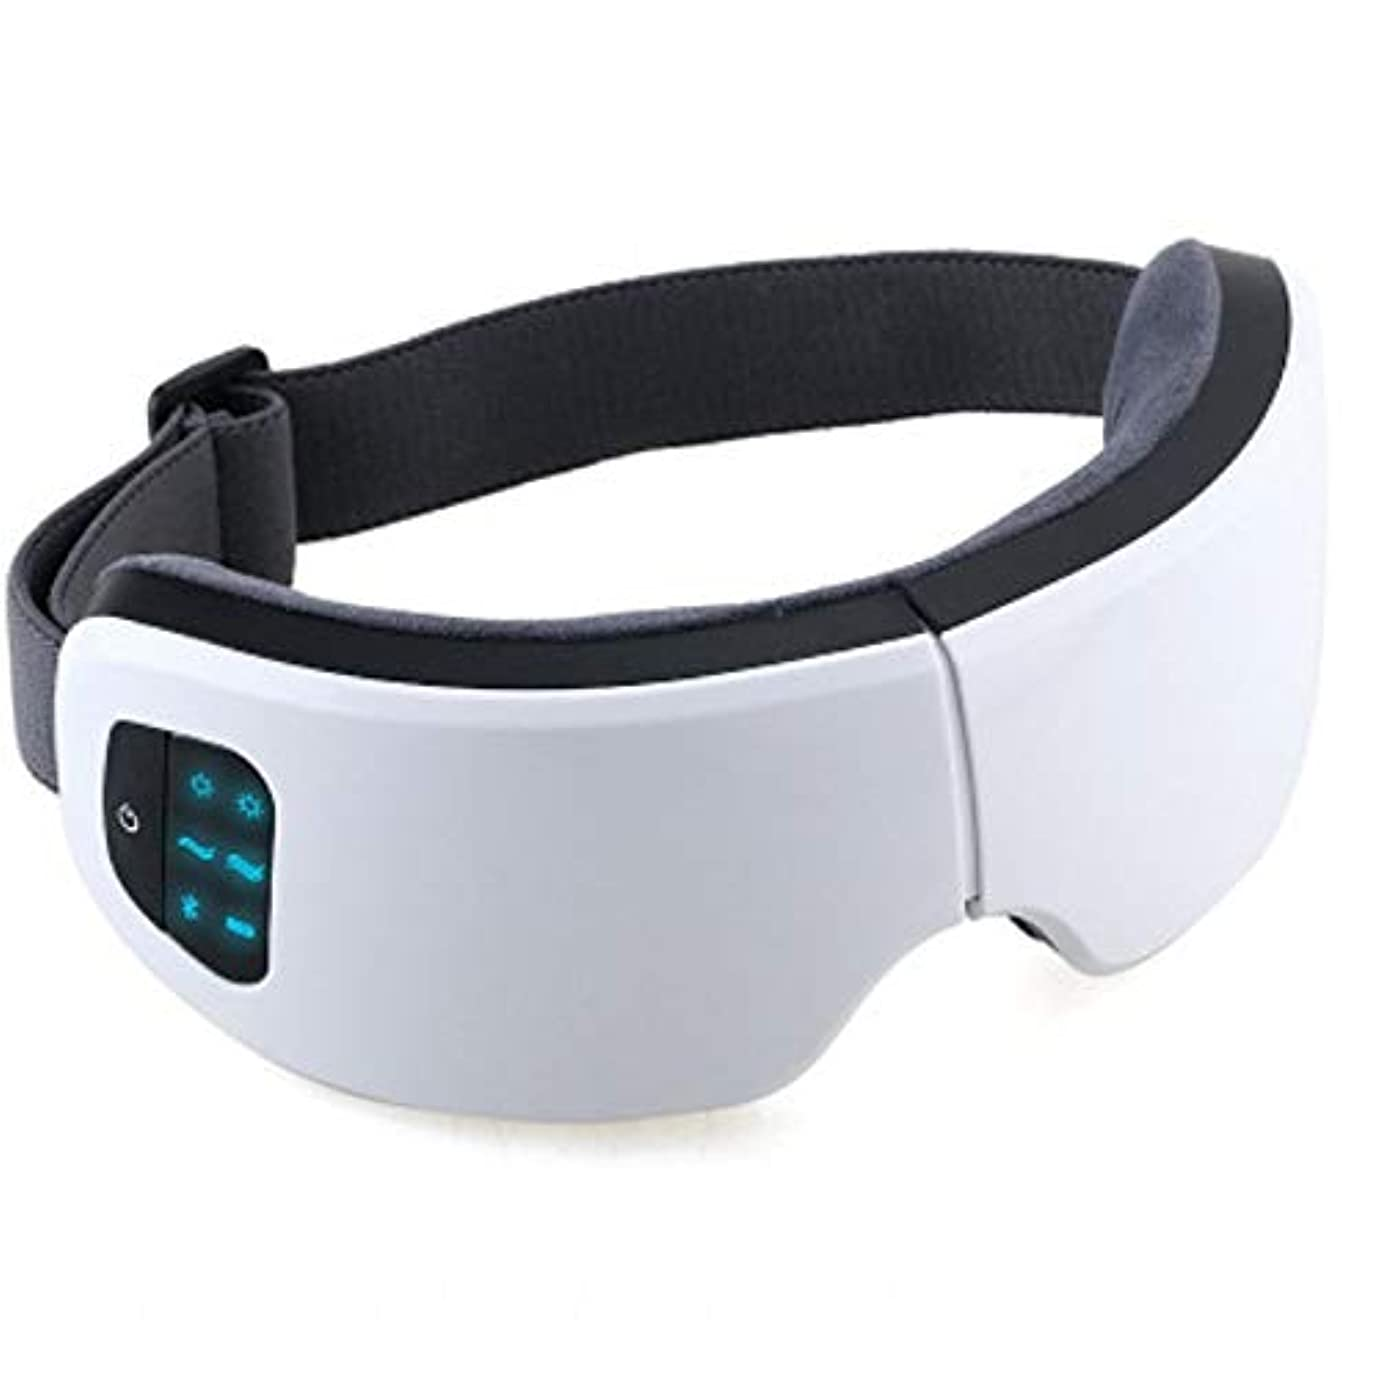 ロードハウスドナウ川匿名Meet now 高度の目のマッサージャー、暖房モードの無線再充電可能な折る目のマッサージャー 品質保証